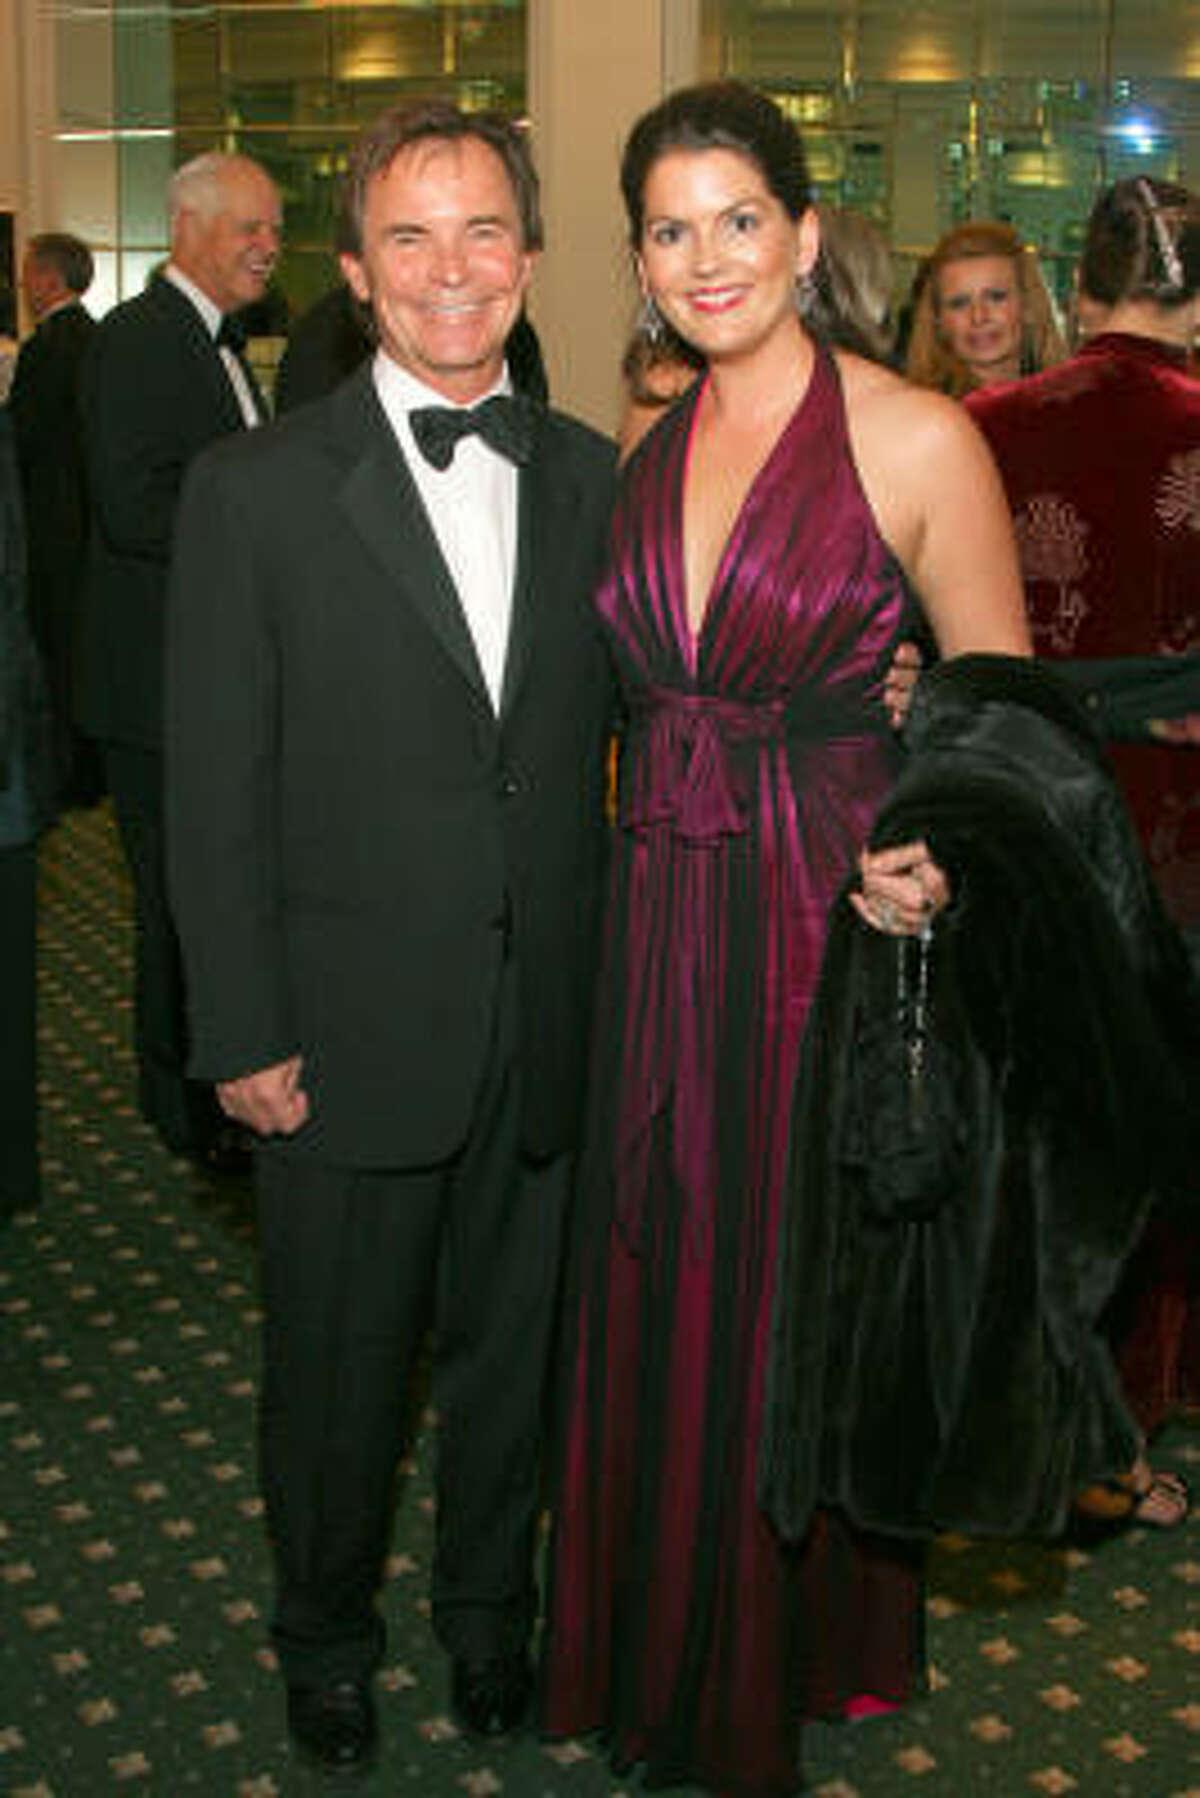 Jennifer and Doug Bosch